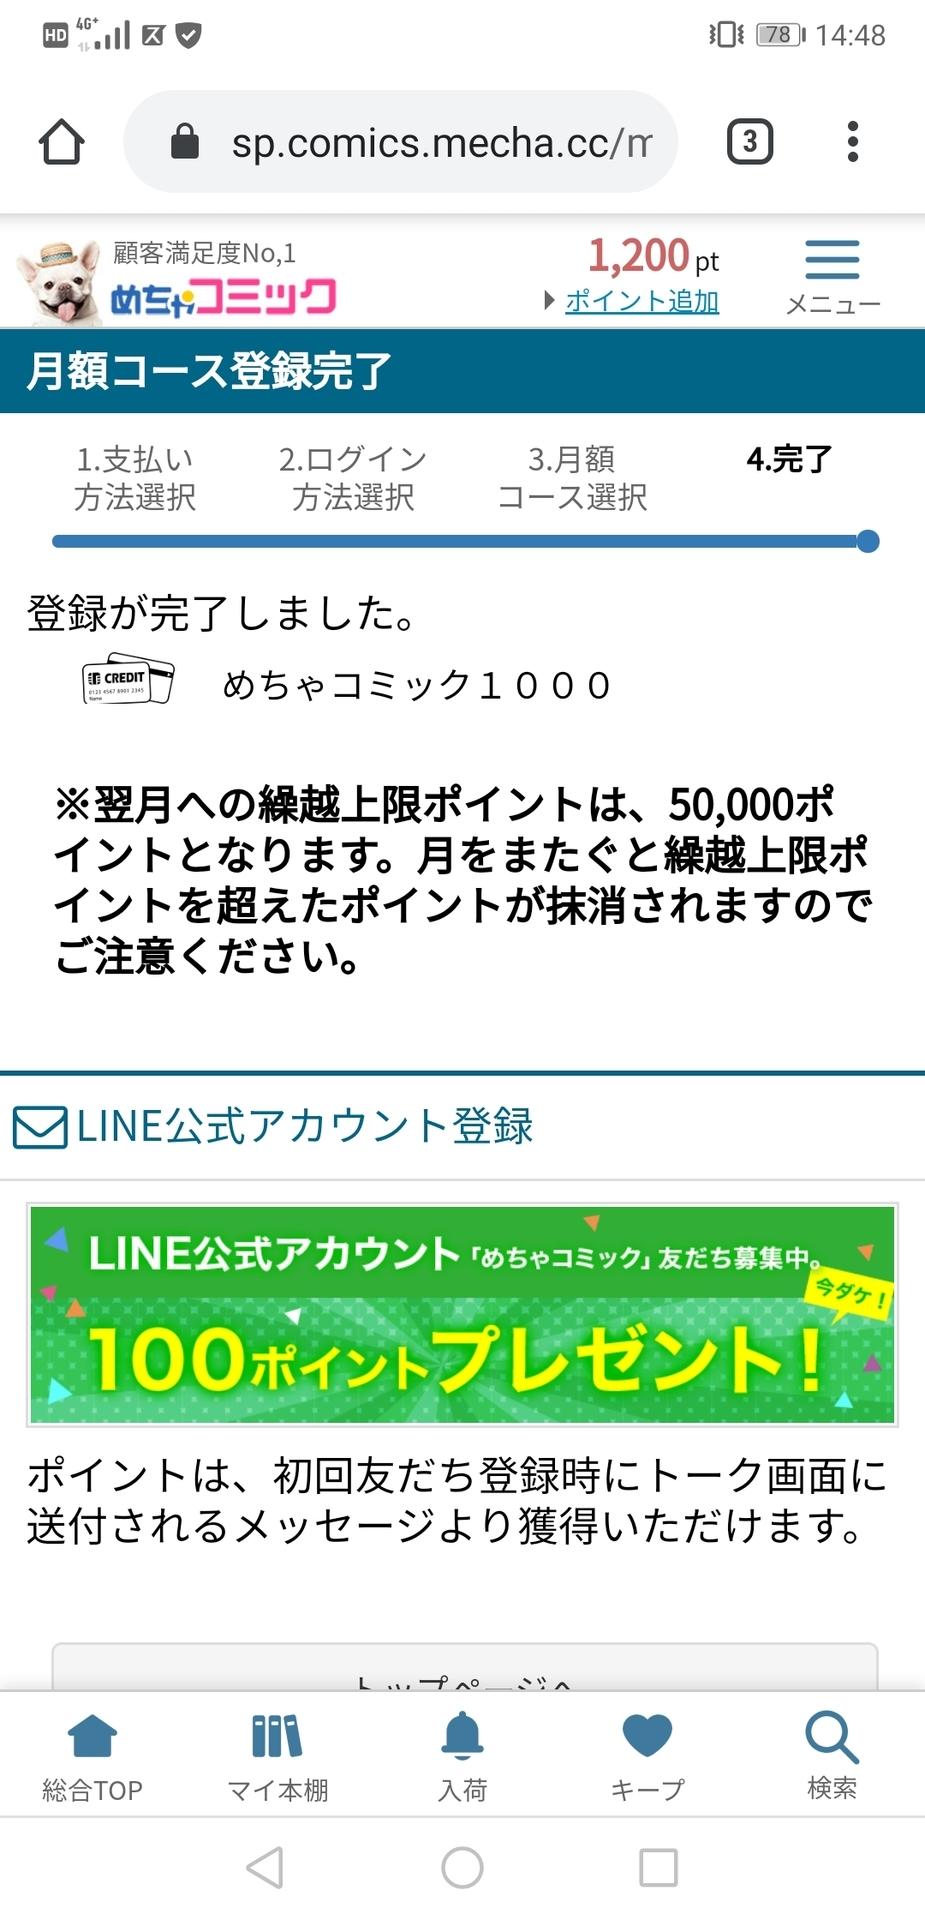 めちゃ コミック コース